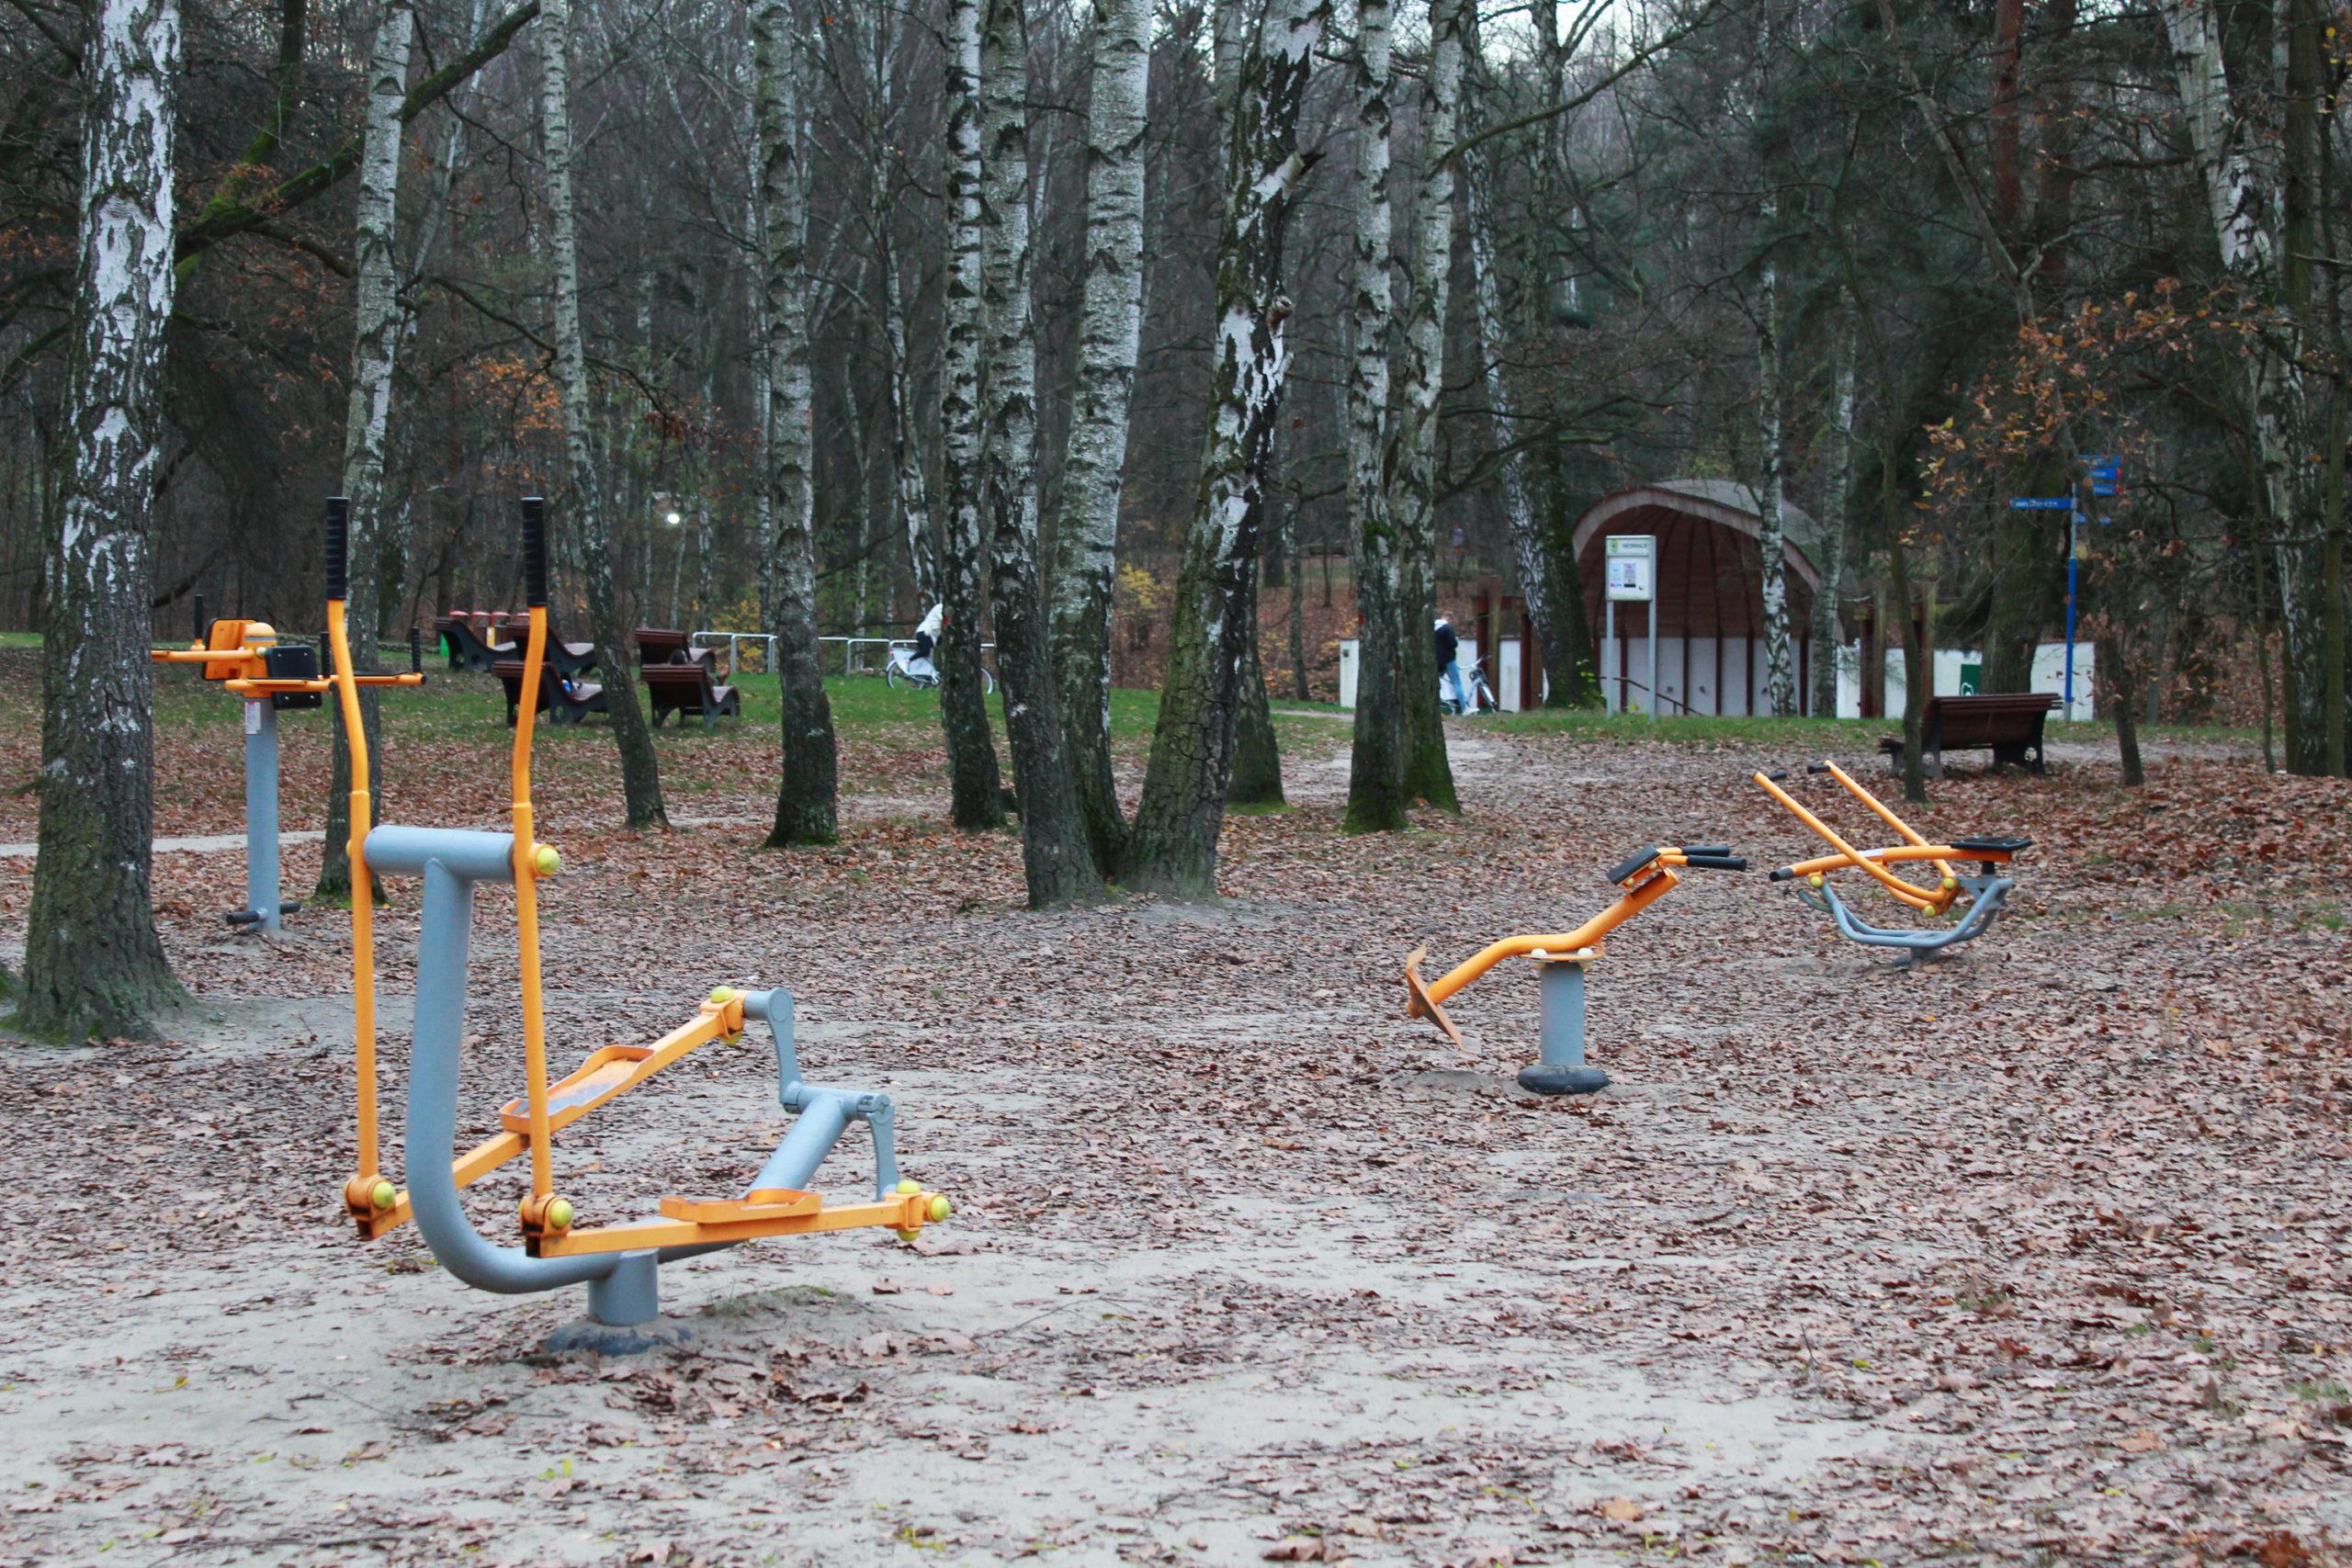 siłownia plenerowa wśród drzew